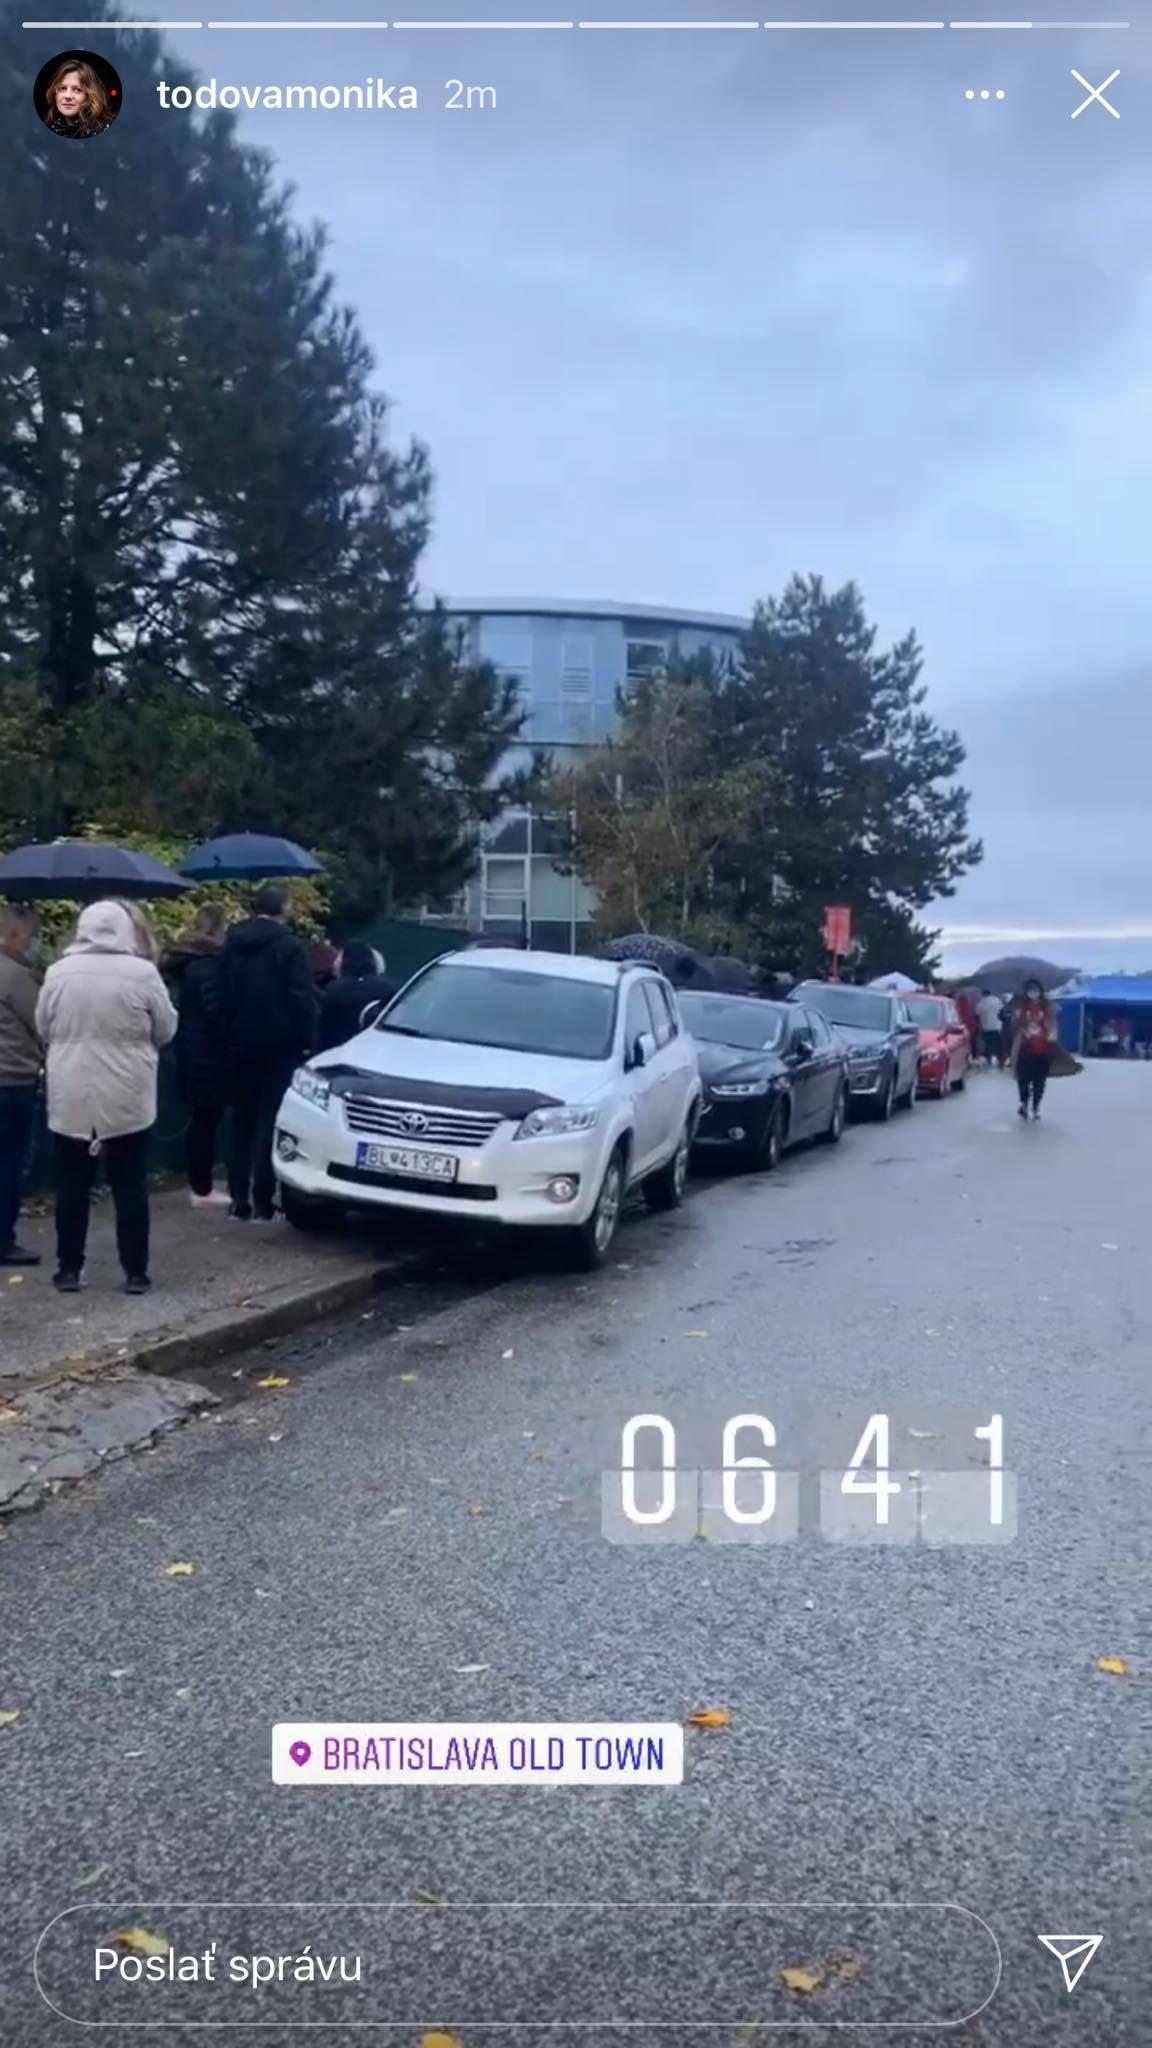 ONLINE: Slovensko dnes čaká najťažšia skúška v histórií: Sledujeme priebeh celoplošného testovania